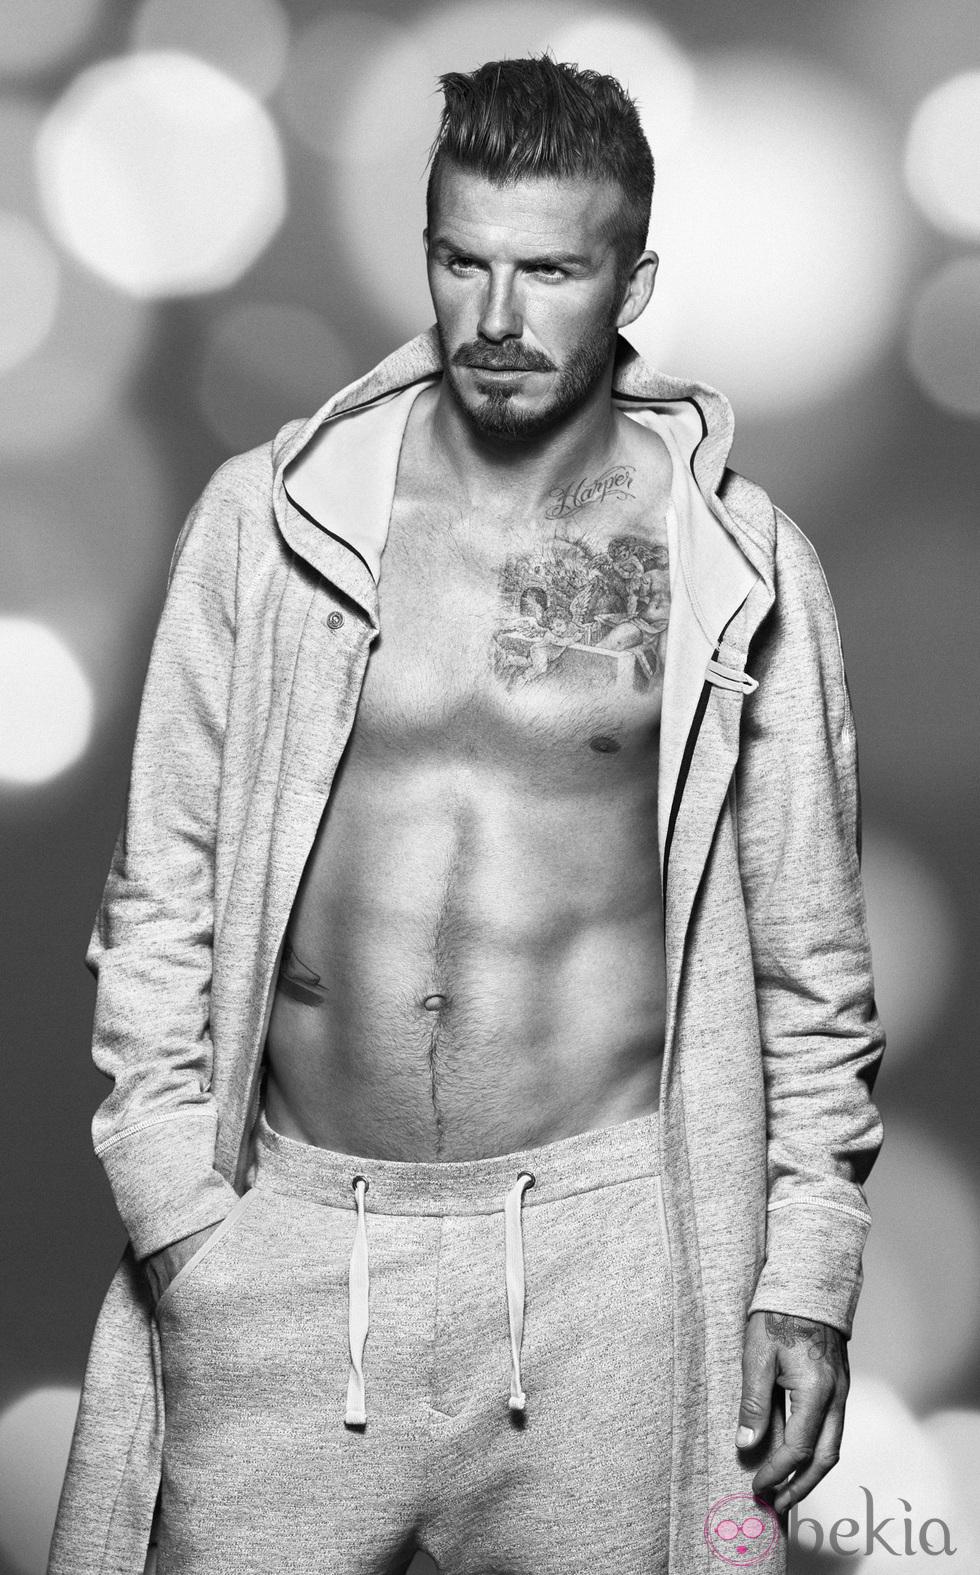 MBTI enneagram type of David Beckham